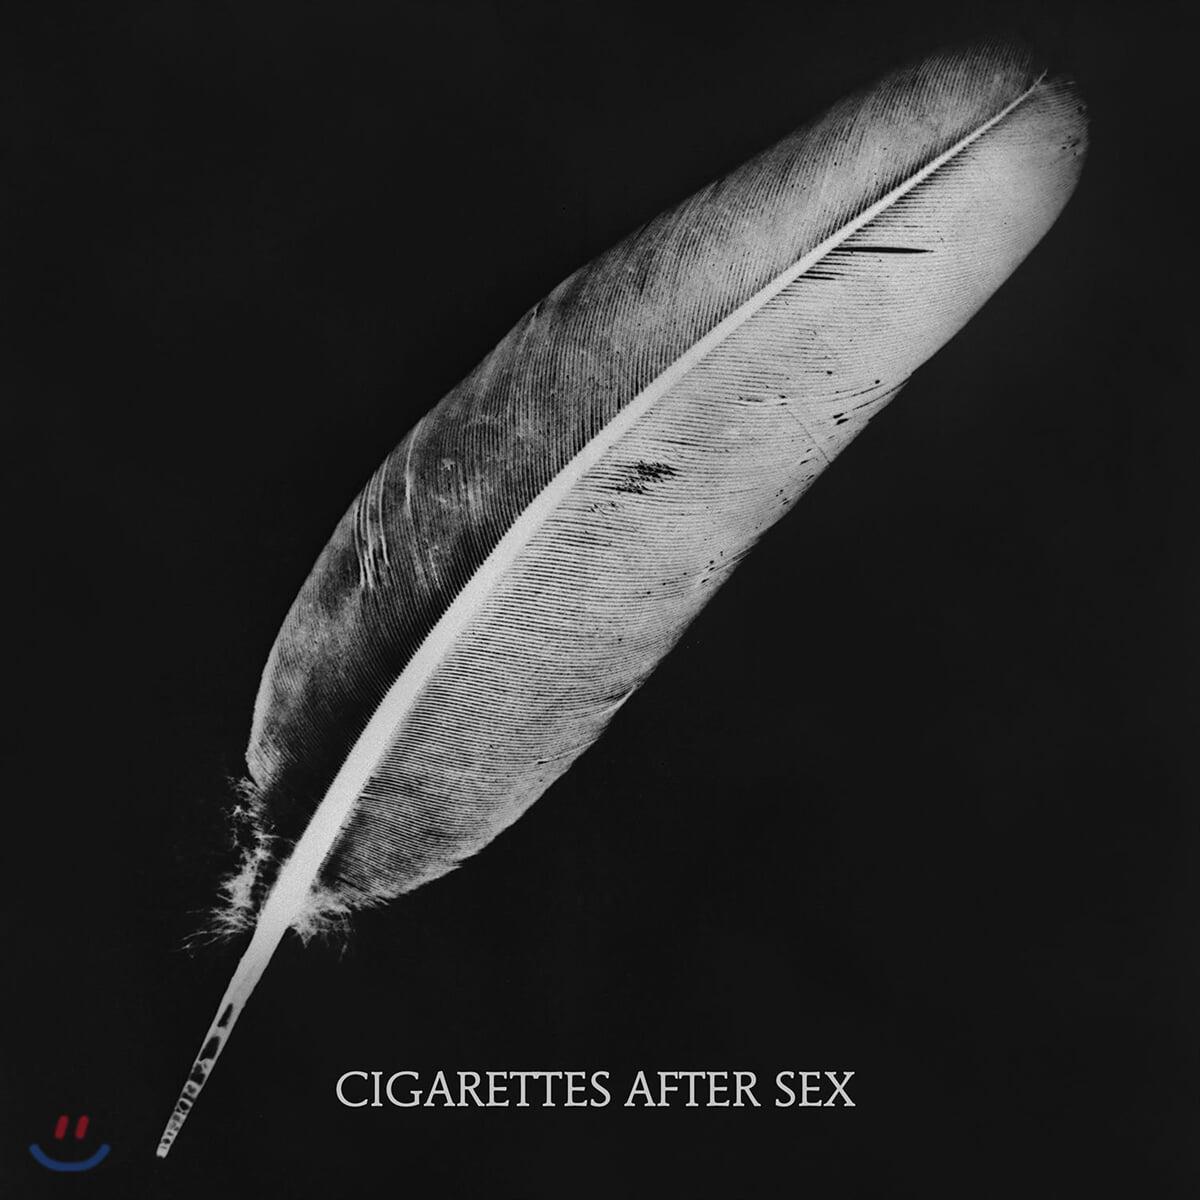 Cigarettes After Sex (시가렛 애프터 섹스) - Affection [7인치 싱글 Vinyl]